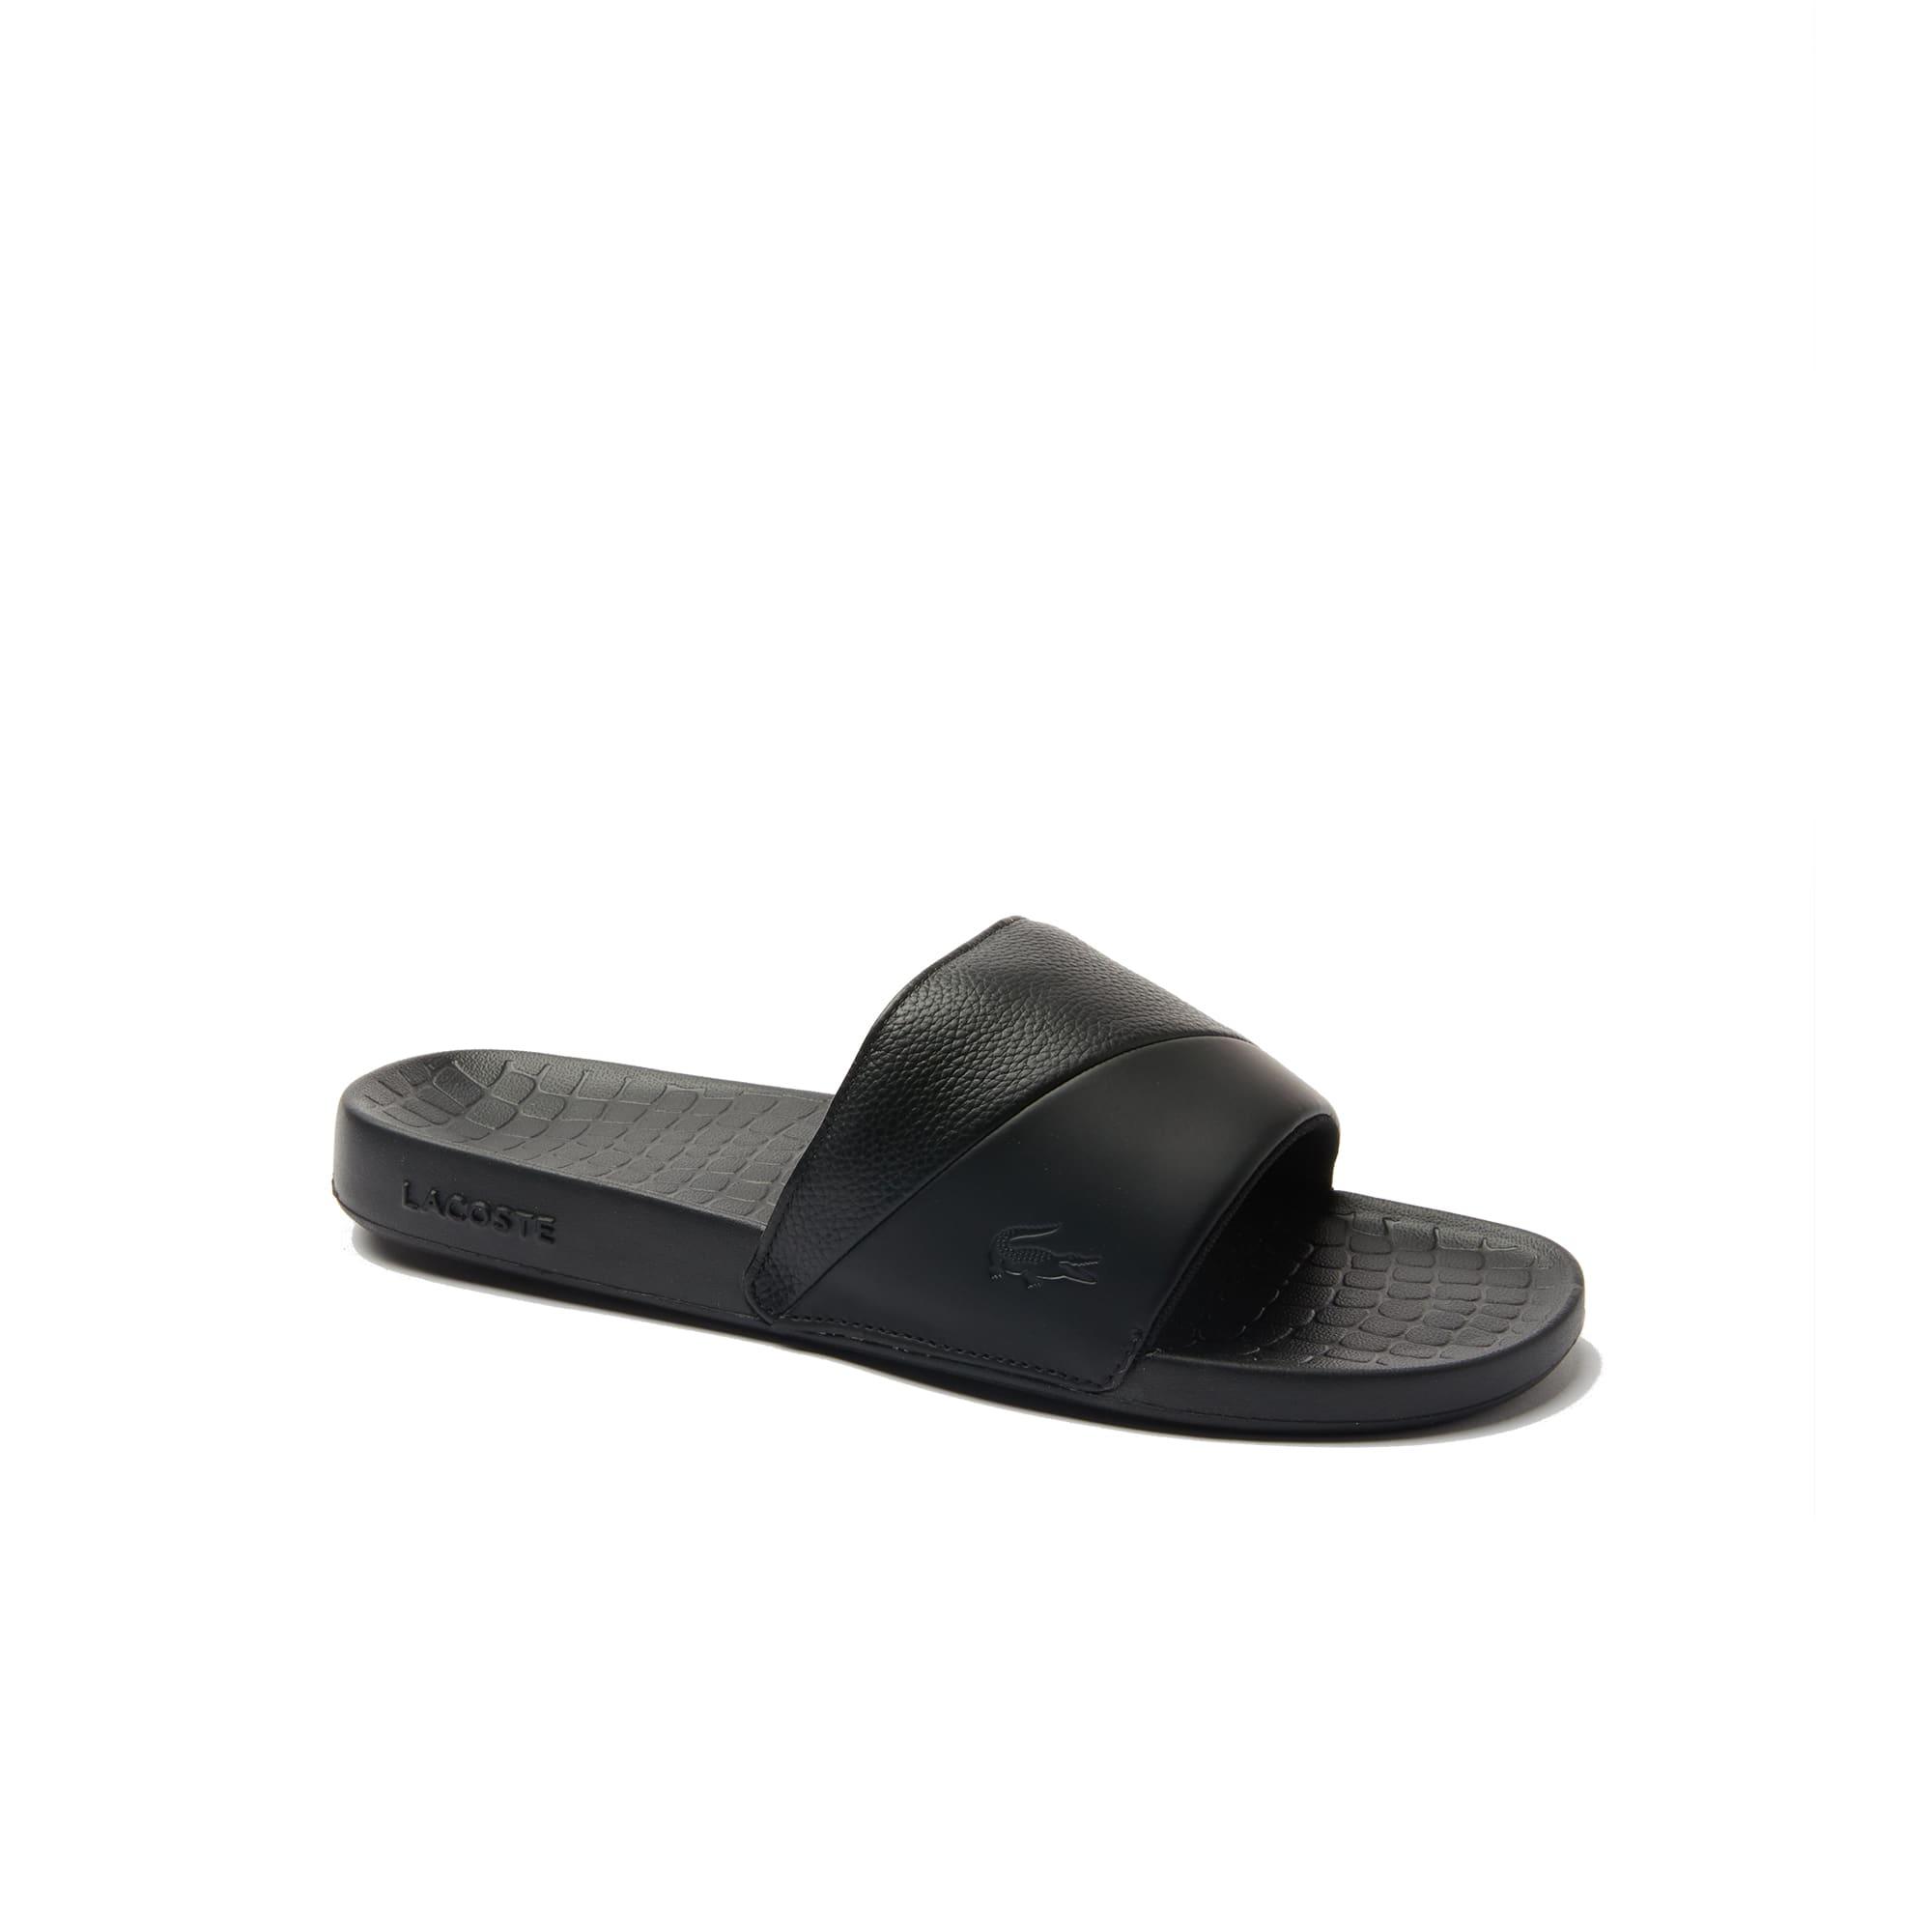 Men's Fraisier Leather Suede Slides